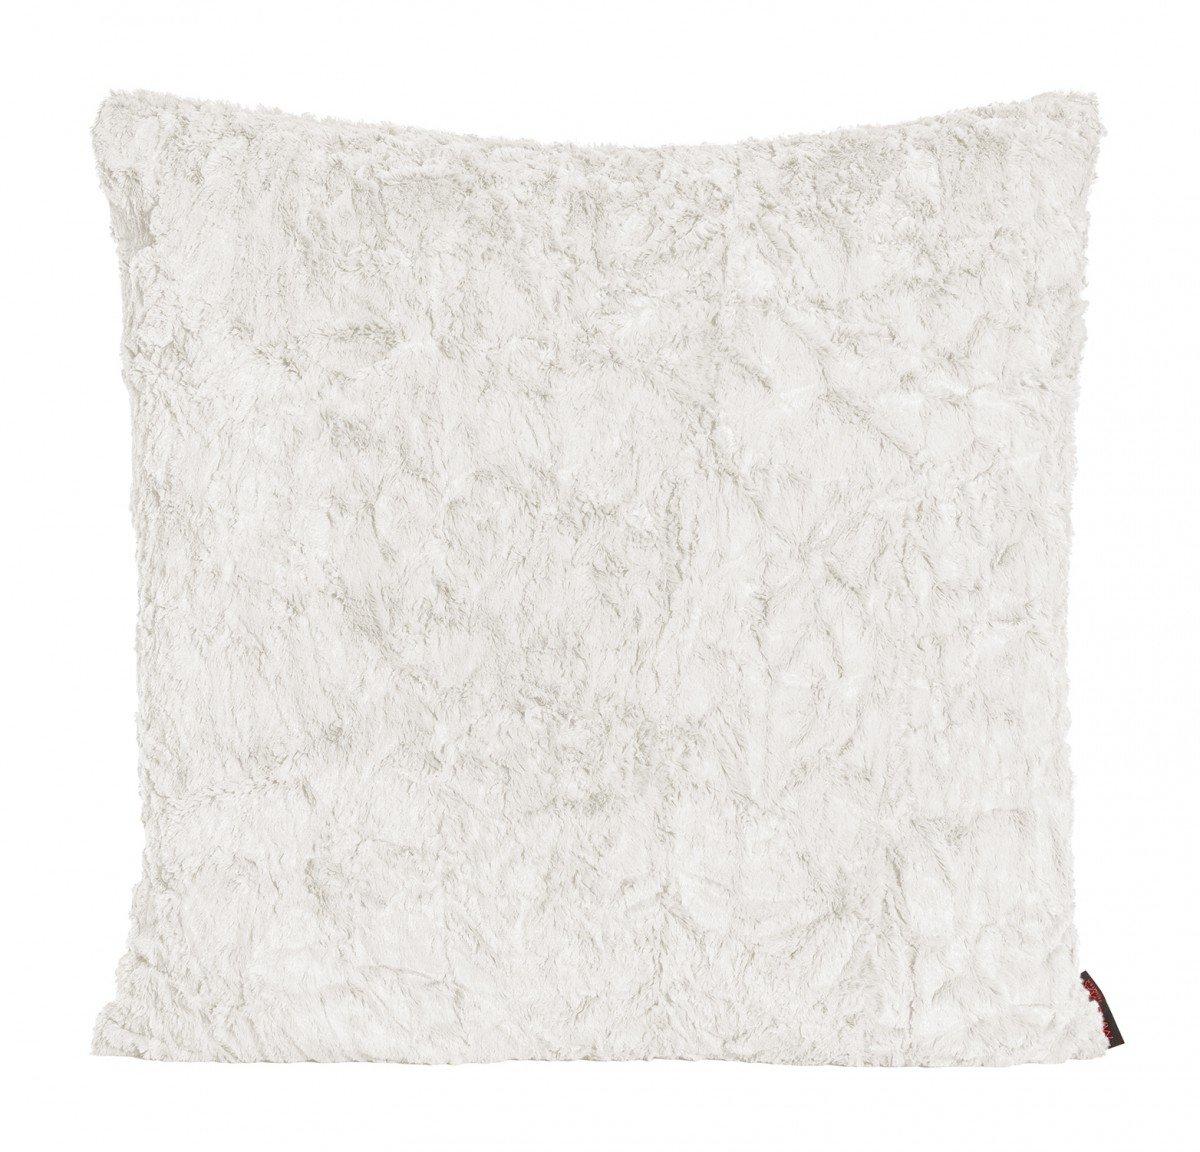 kopfkissen 70x70 ikea bettw sche rosa wandfarbe wei e m bel schlafzimmer fantasy deckenlampen. Black Bedroom Furniture Sets. Home Design Ideas